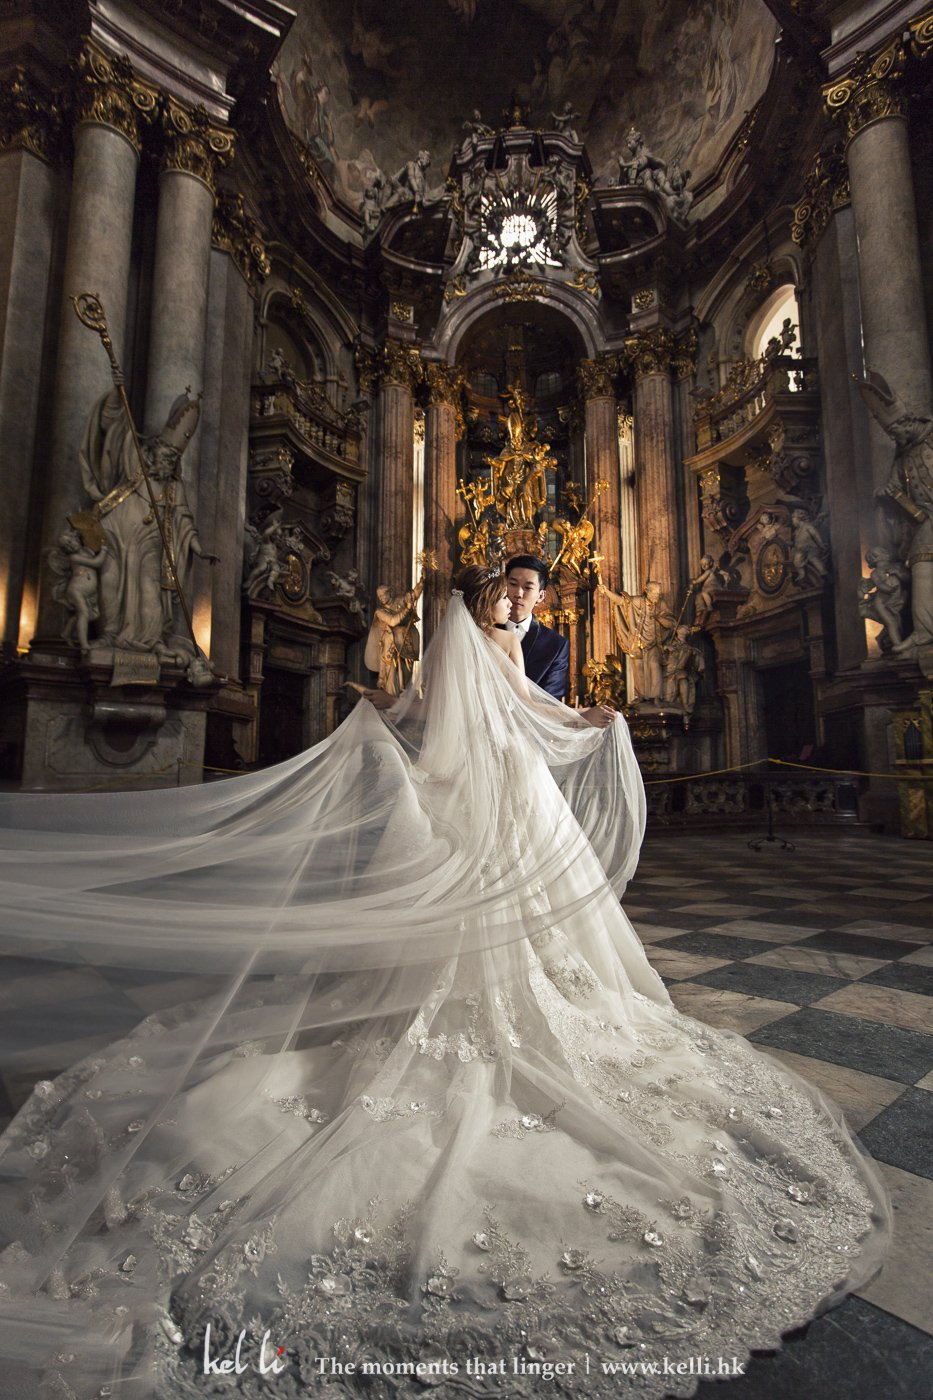 这是一所很华丽而且人不多的教堂,可惜里里拍摄是受到限制的,只能拍摄很短时间